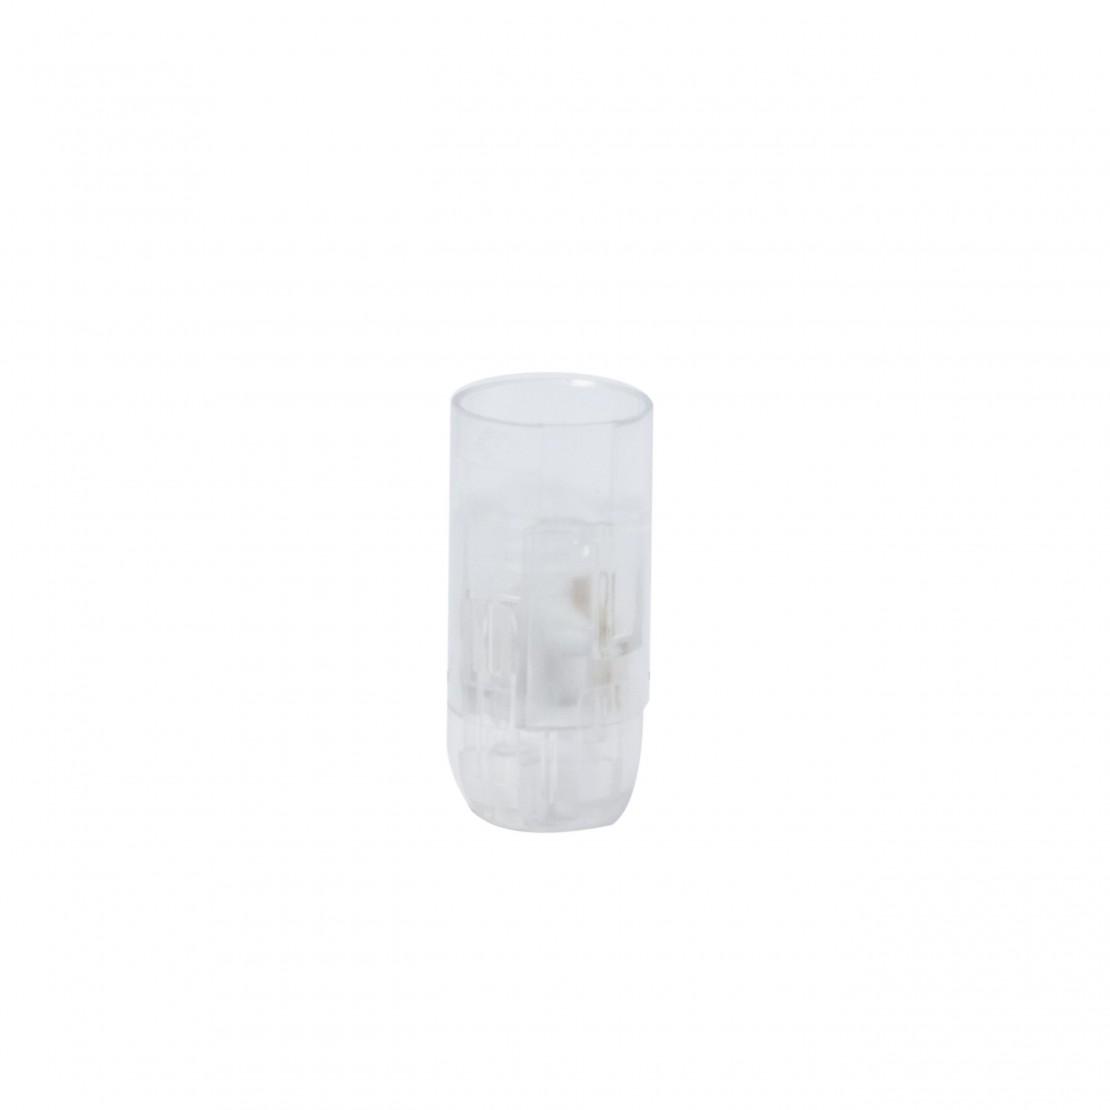 Douille lisse E14 transparent connexions rapides